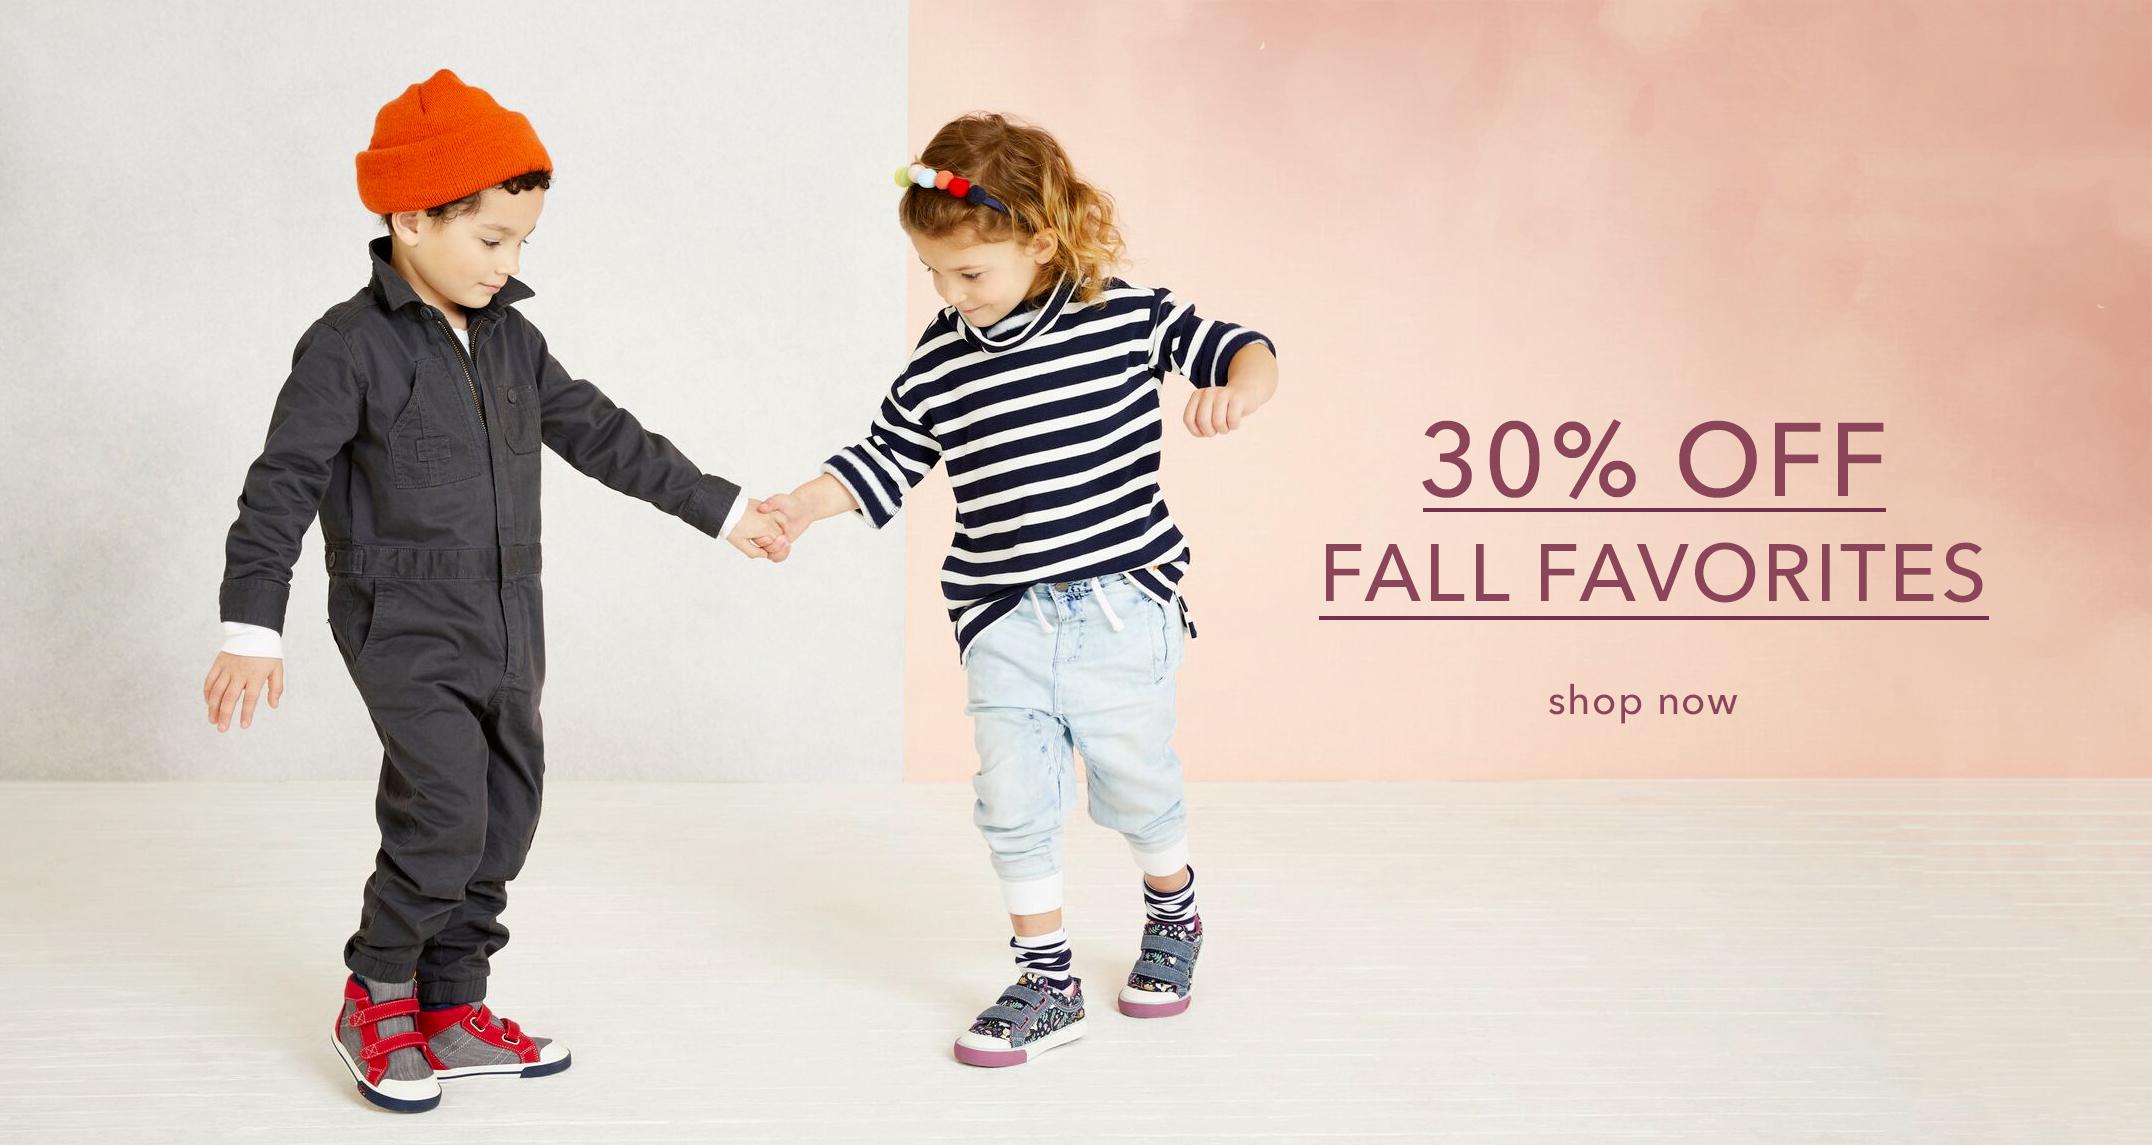 fall-favorites.jpg